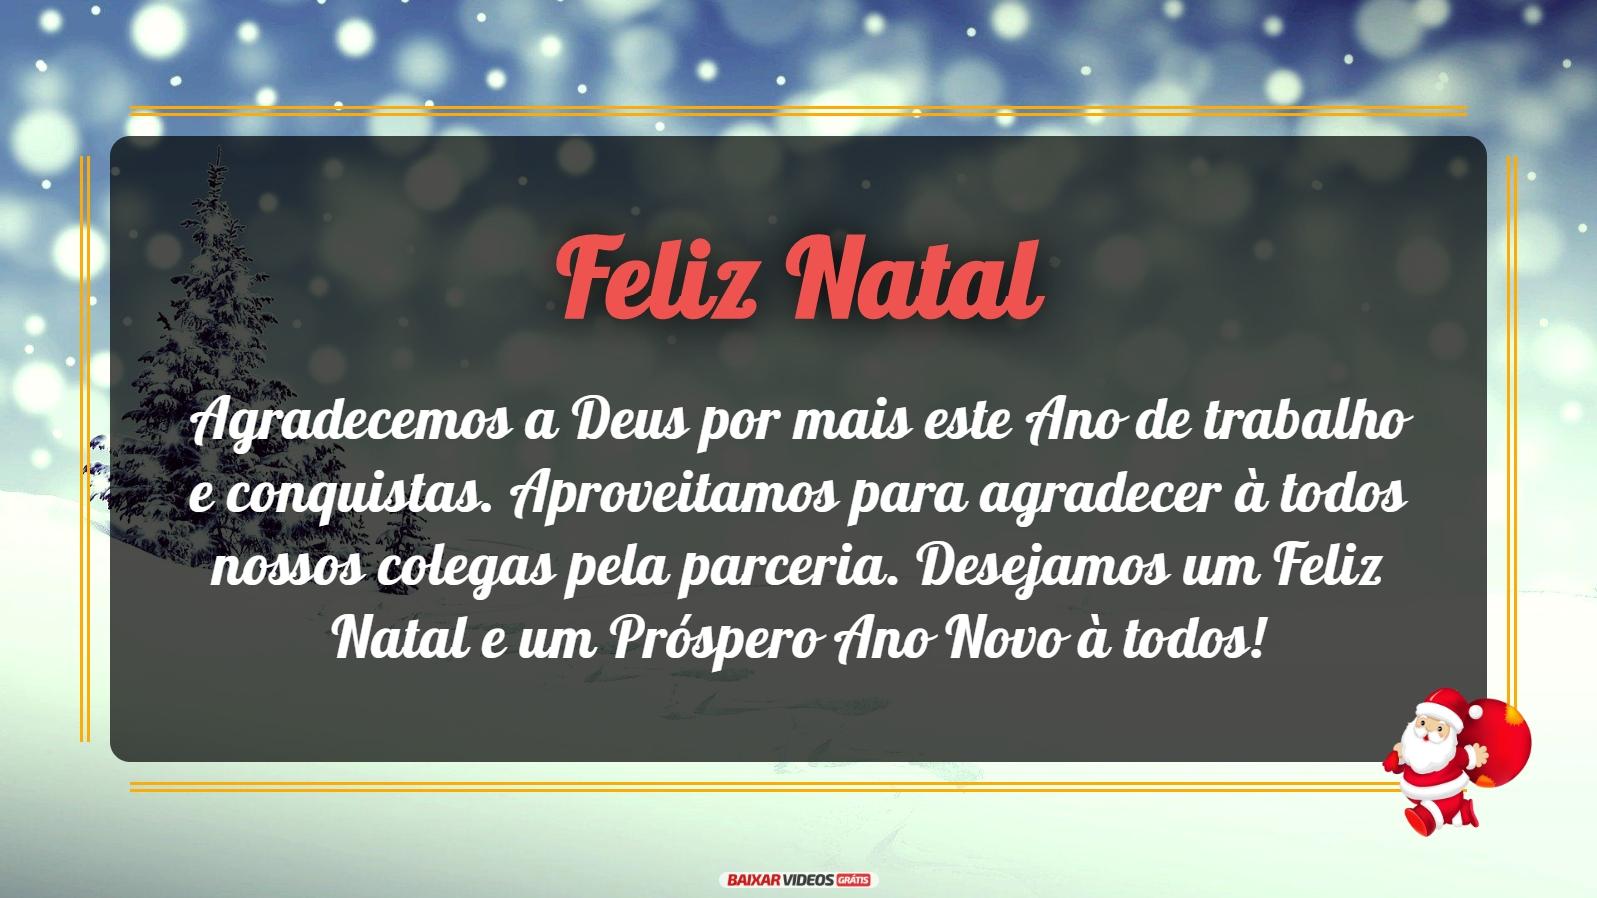 Feliz Natal! Agradecemos a Deus por mais este Ano de trabalho e conquistas. Aproveitamos para agradecer à todos nossos colegas pela parceria. Desejamos um Feliz Natal e um Próspero Ano Novo à todos!